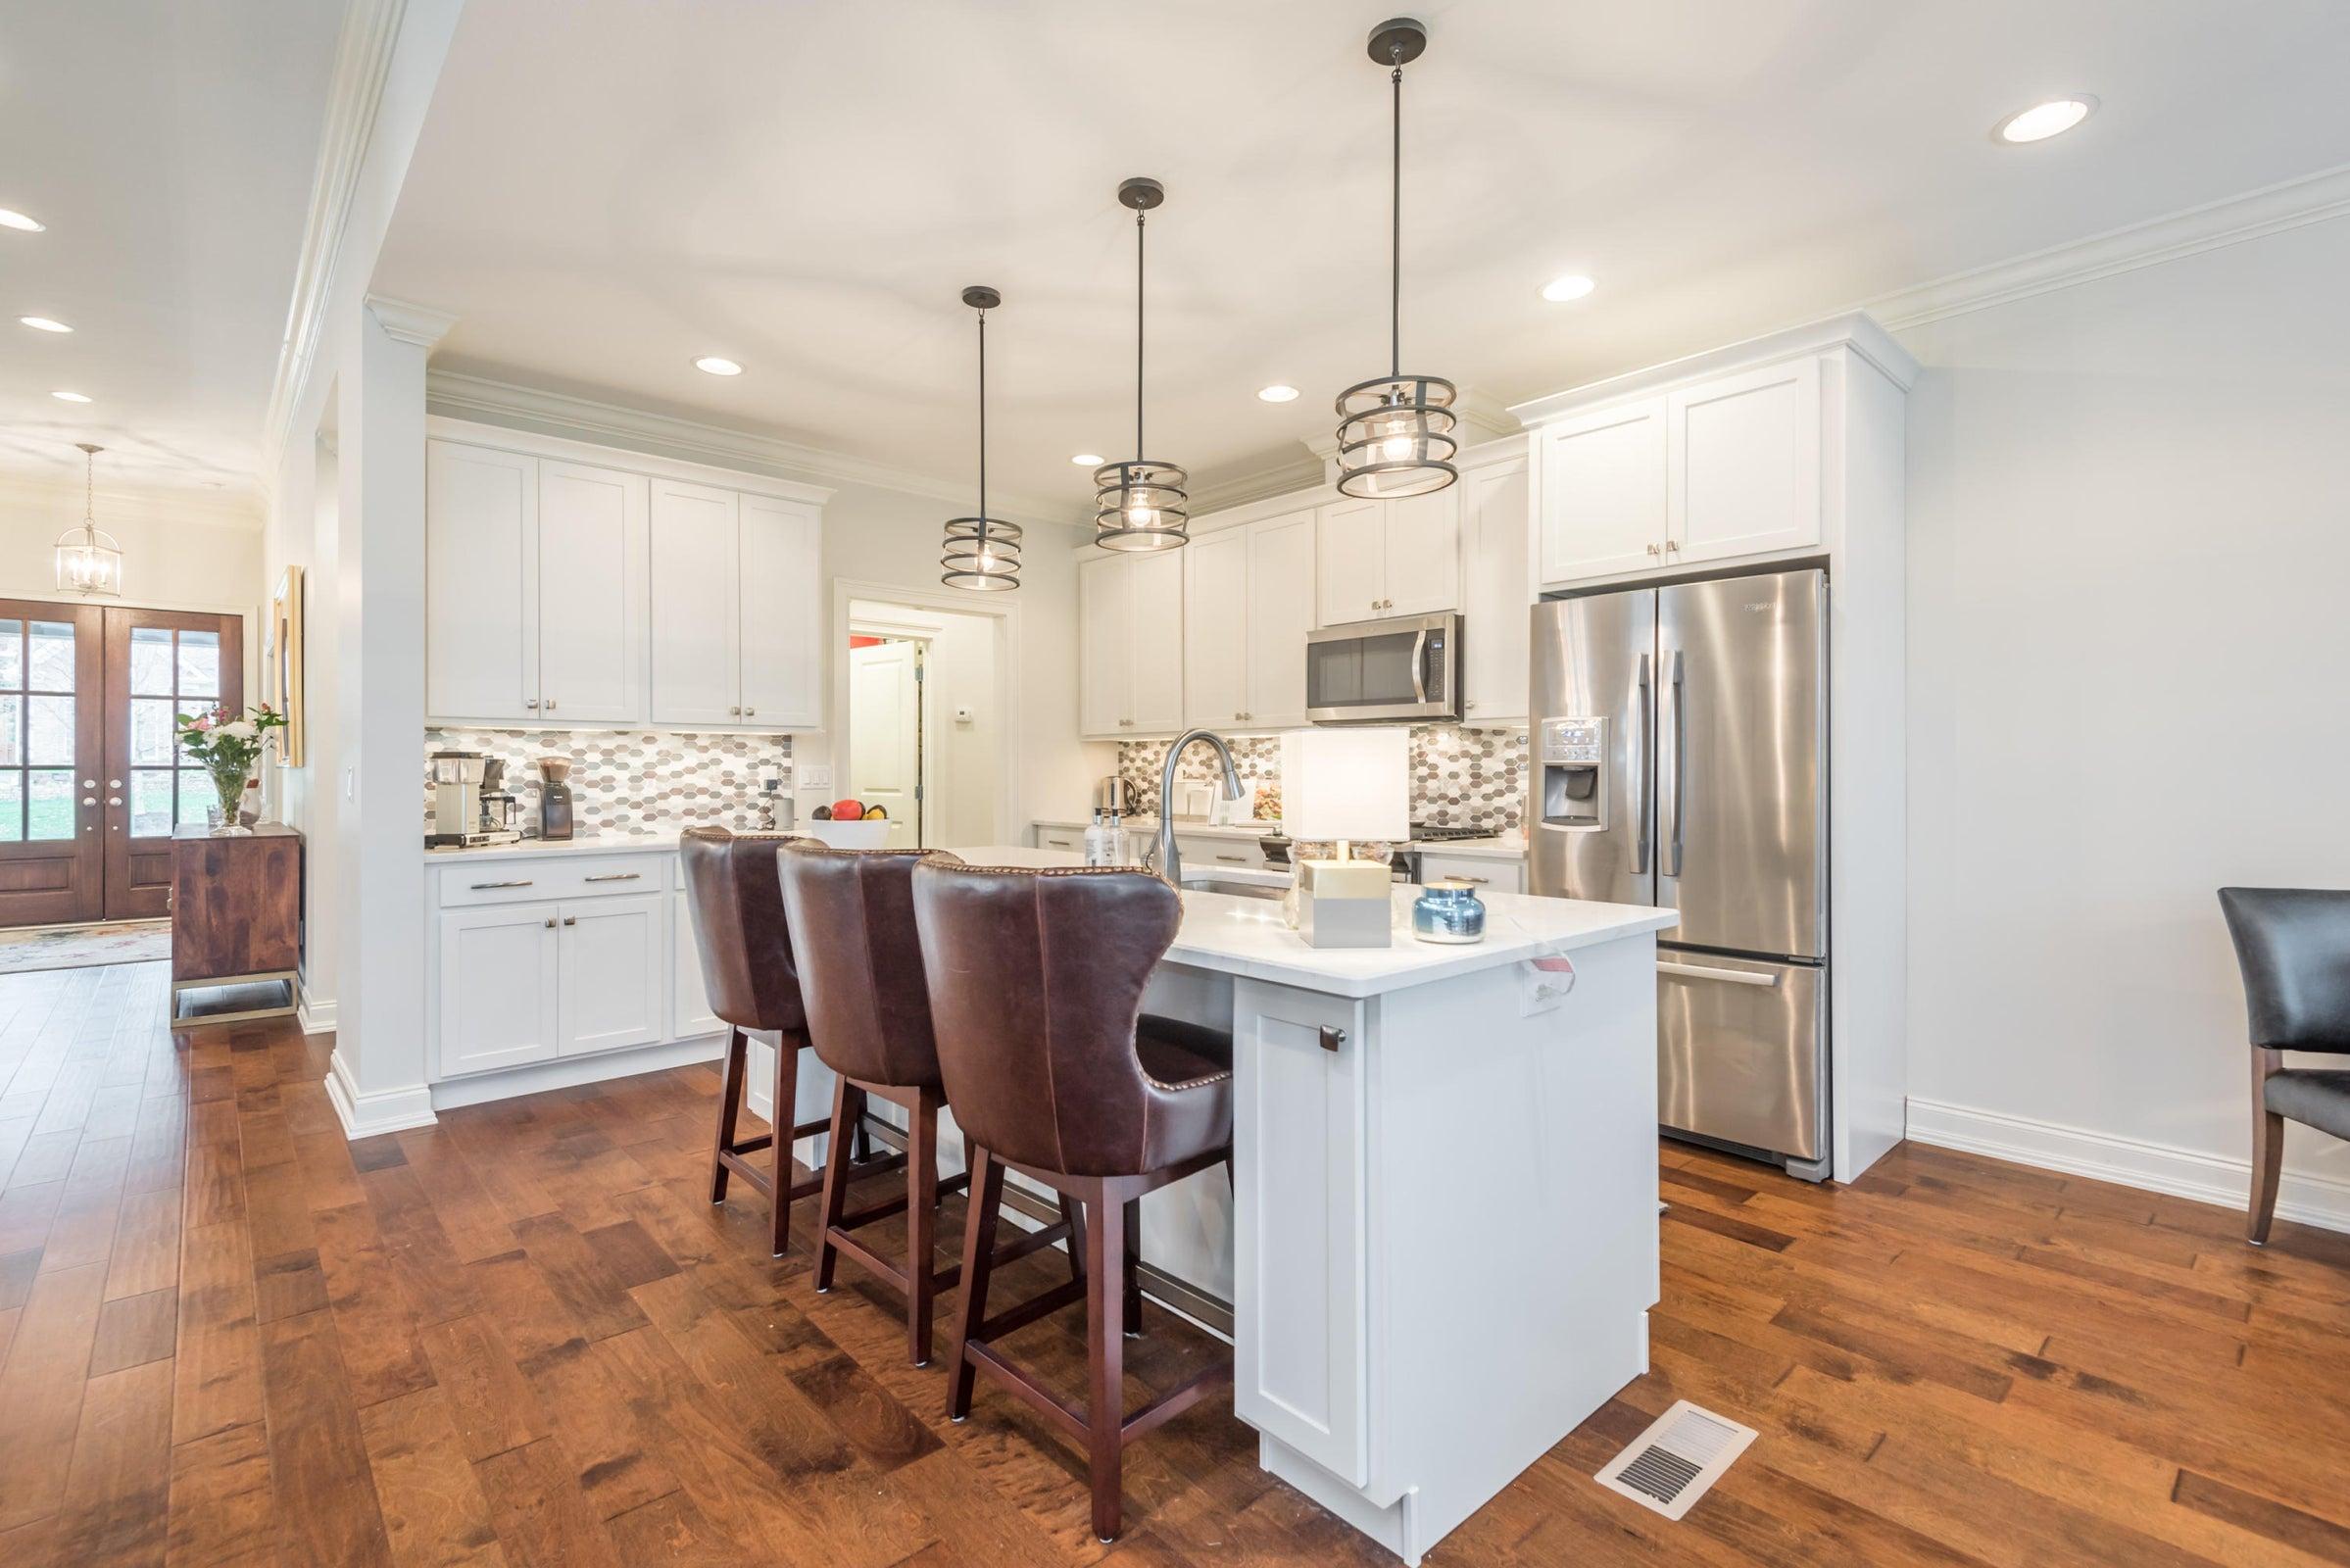 Quartz Counters, Stainless Appliances